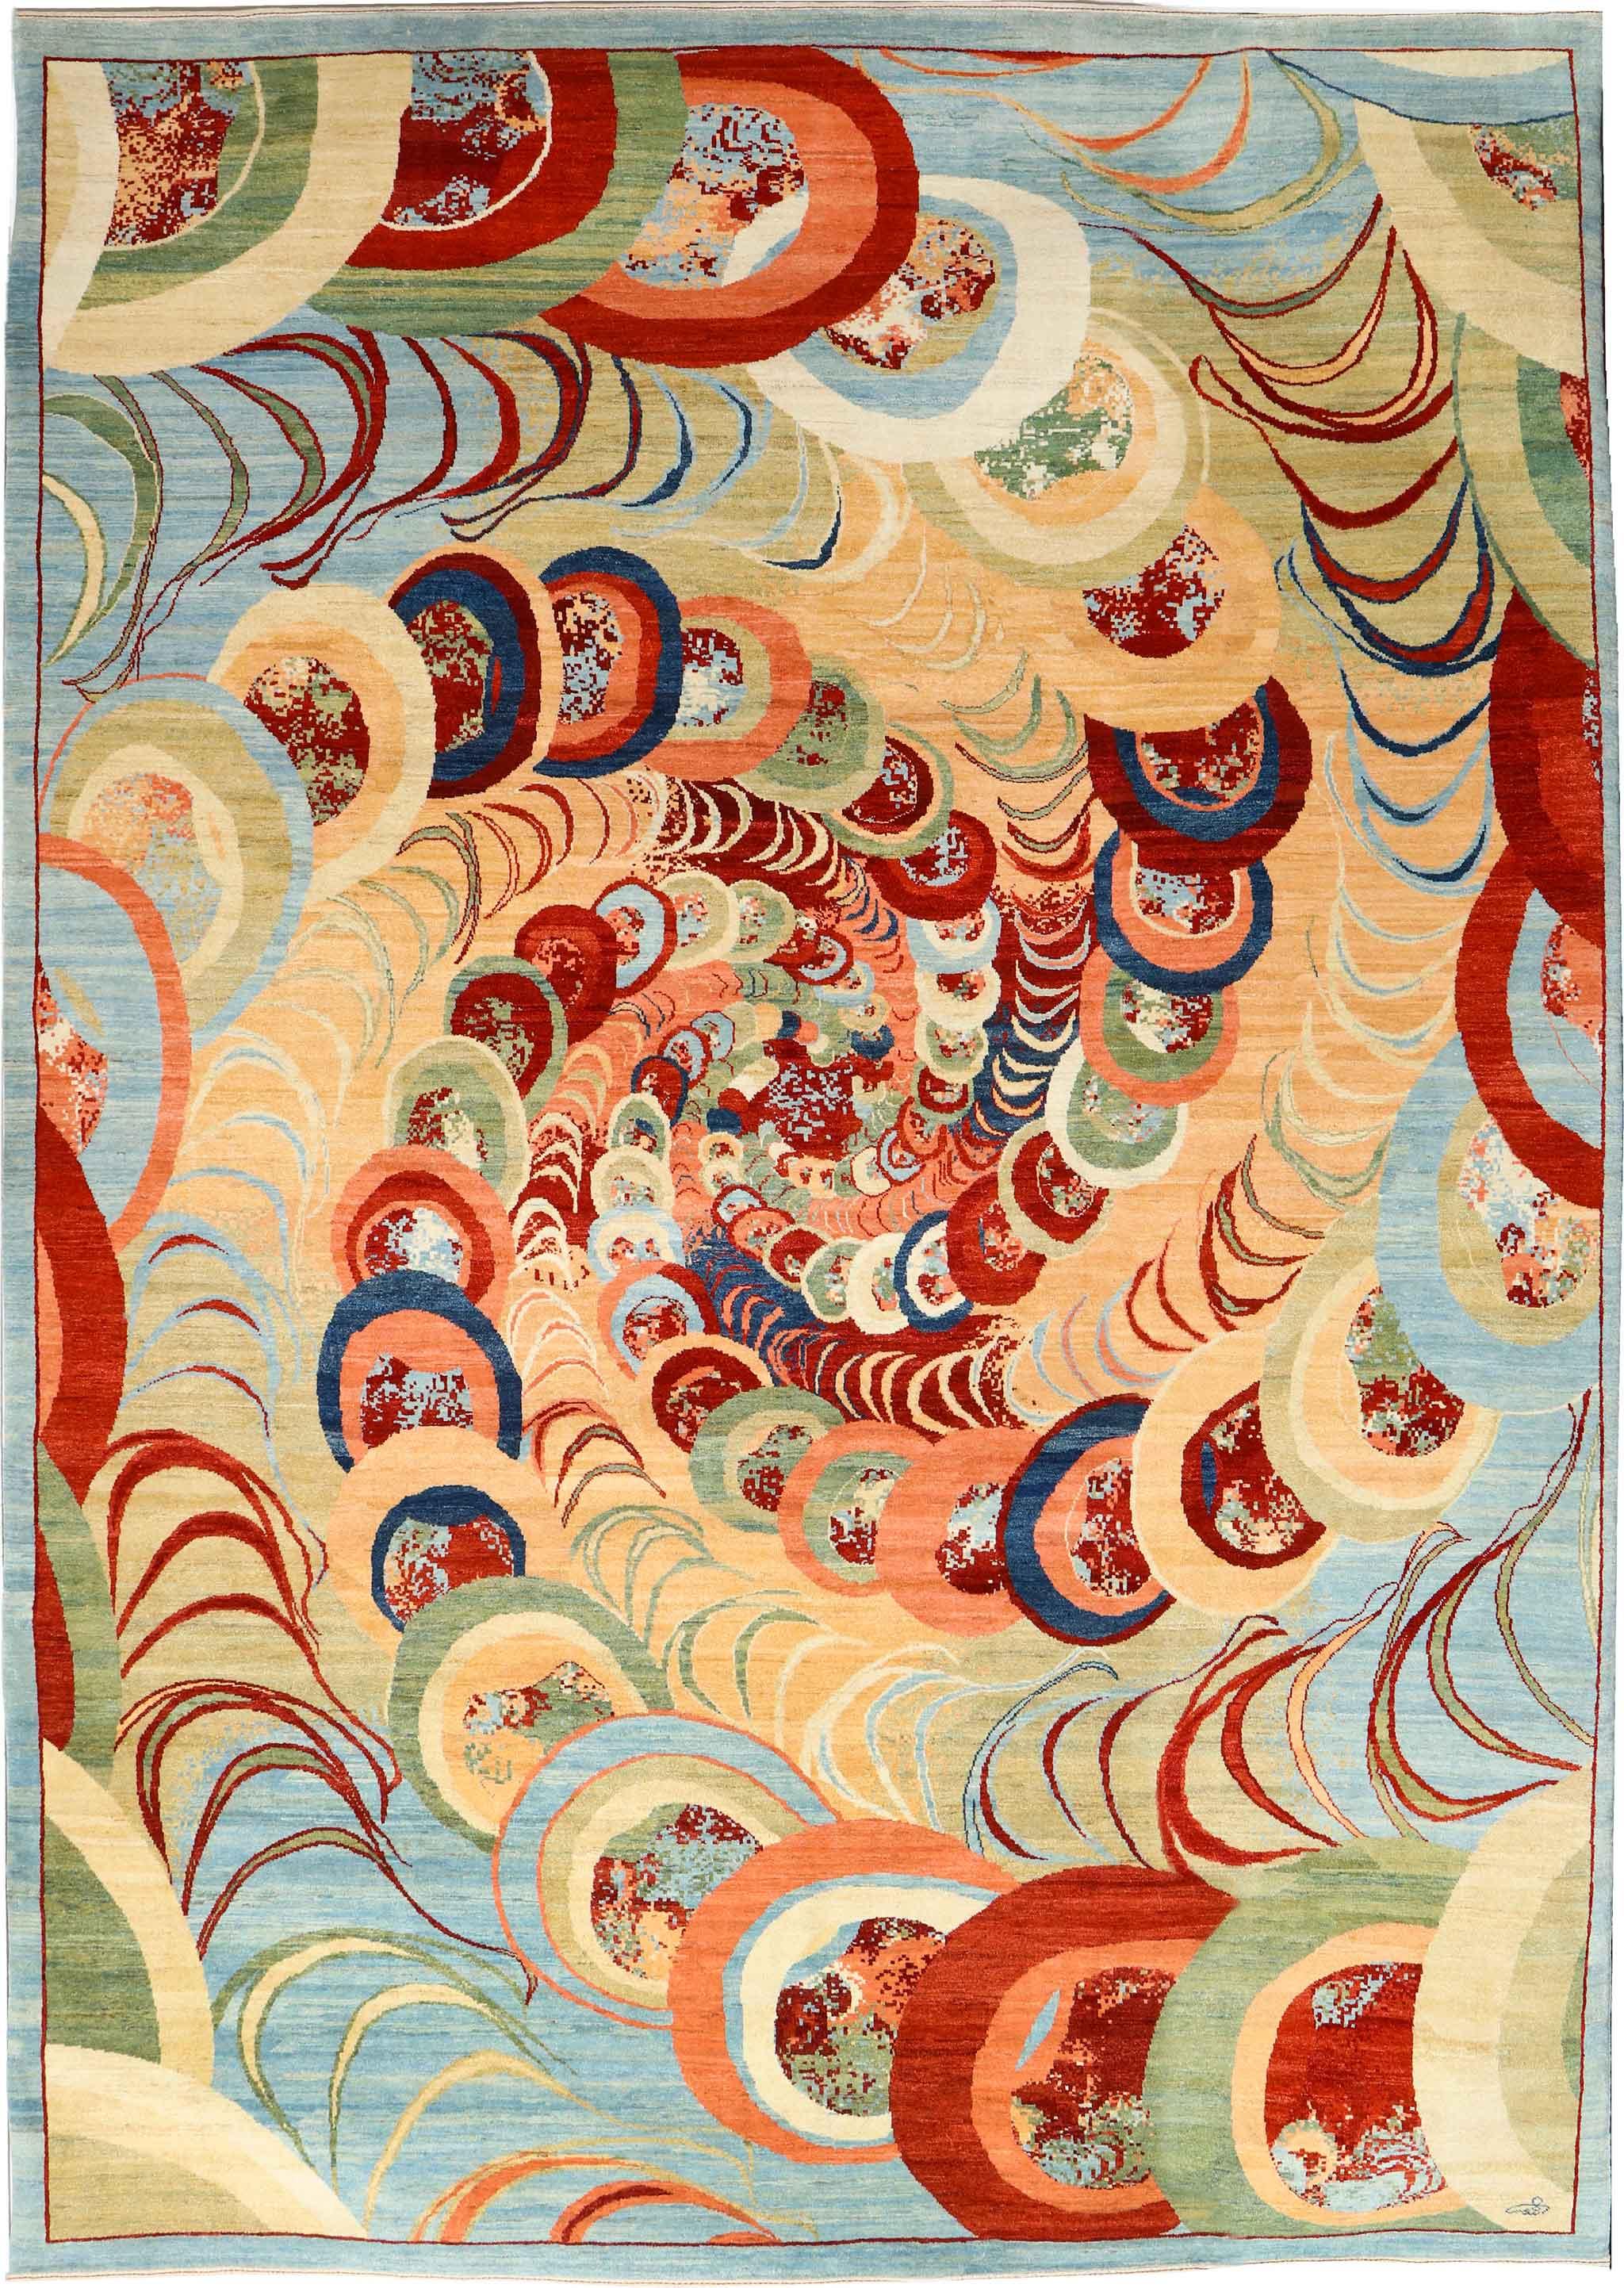 'Kaleidoscope' from Orley Shabahang | Image courtesy of Orley Shabahang.